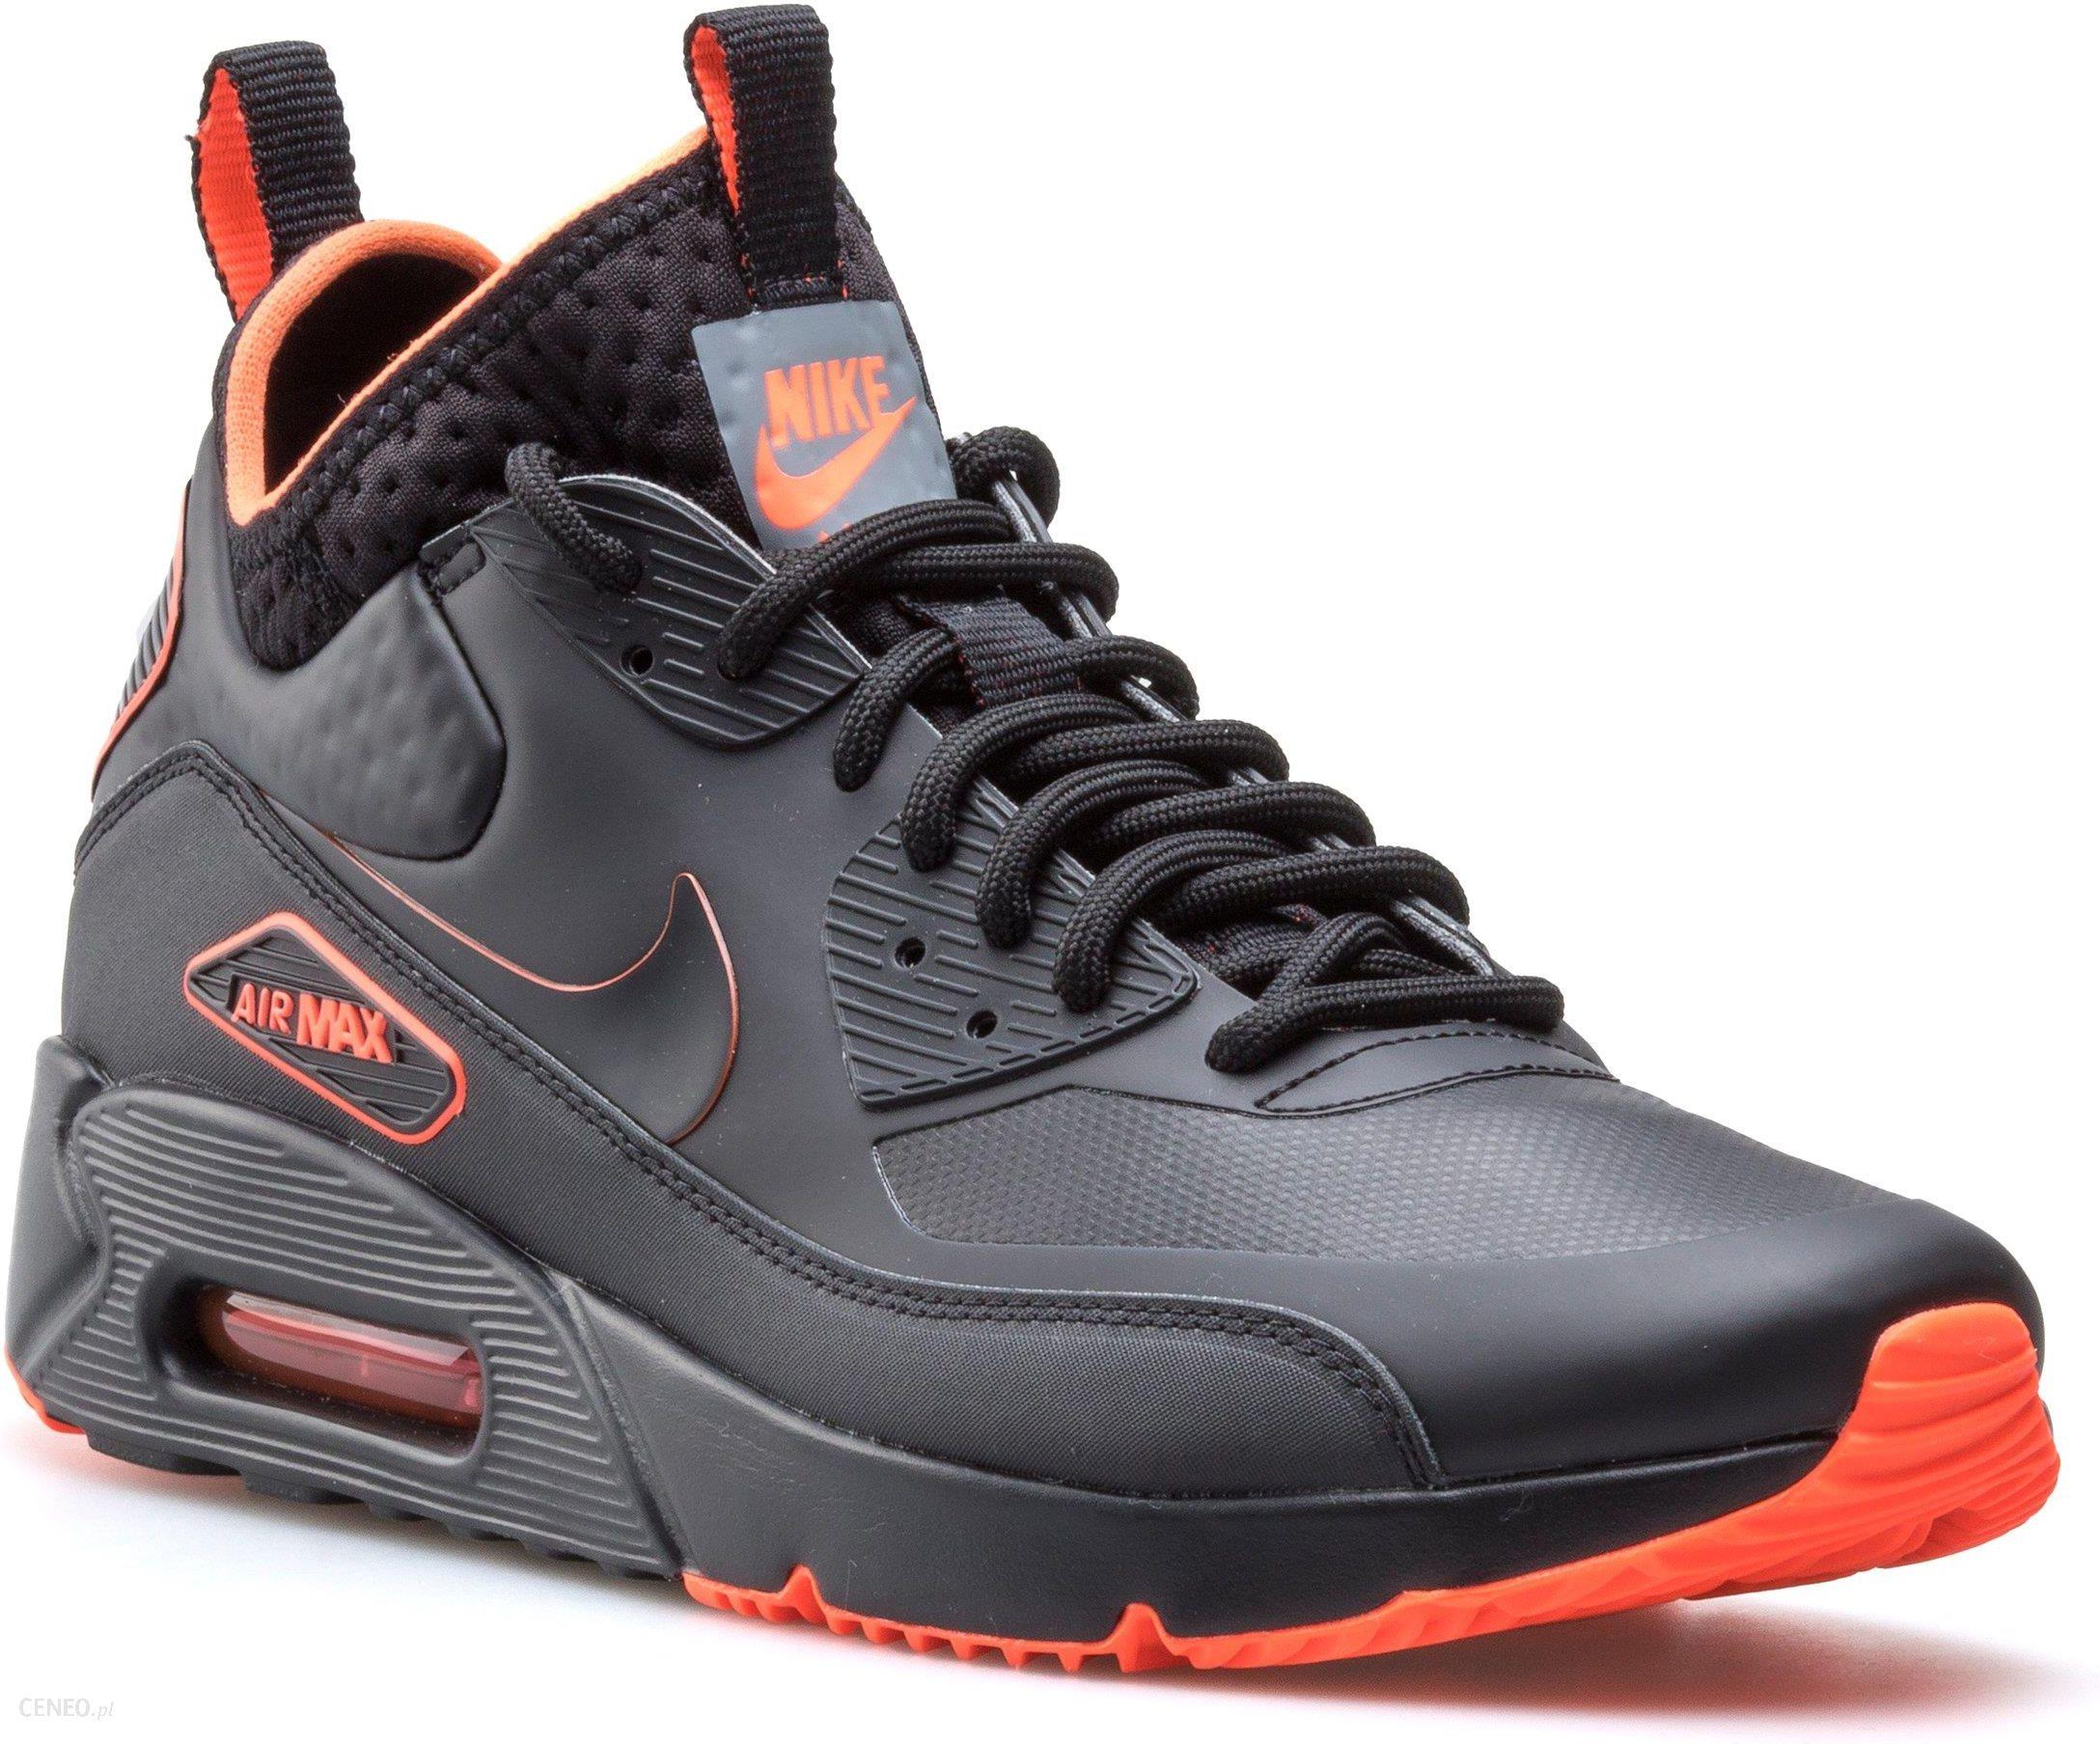 Buty męskie Nike Air Max 90 AA4423 001 r. 44 Ceny i opinie Ceneo.pl